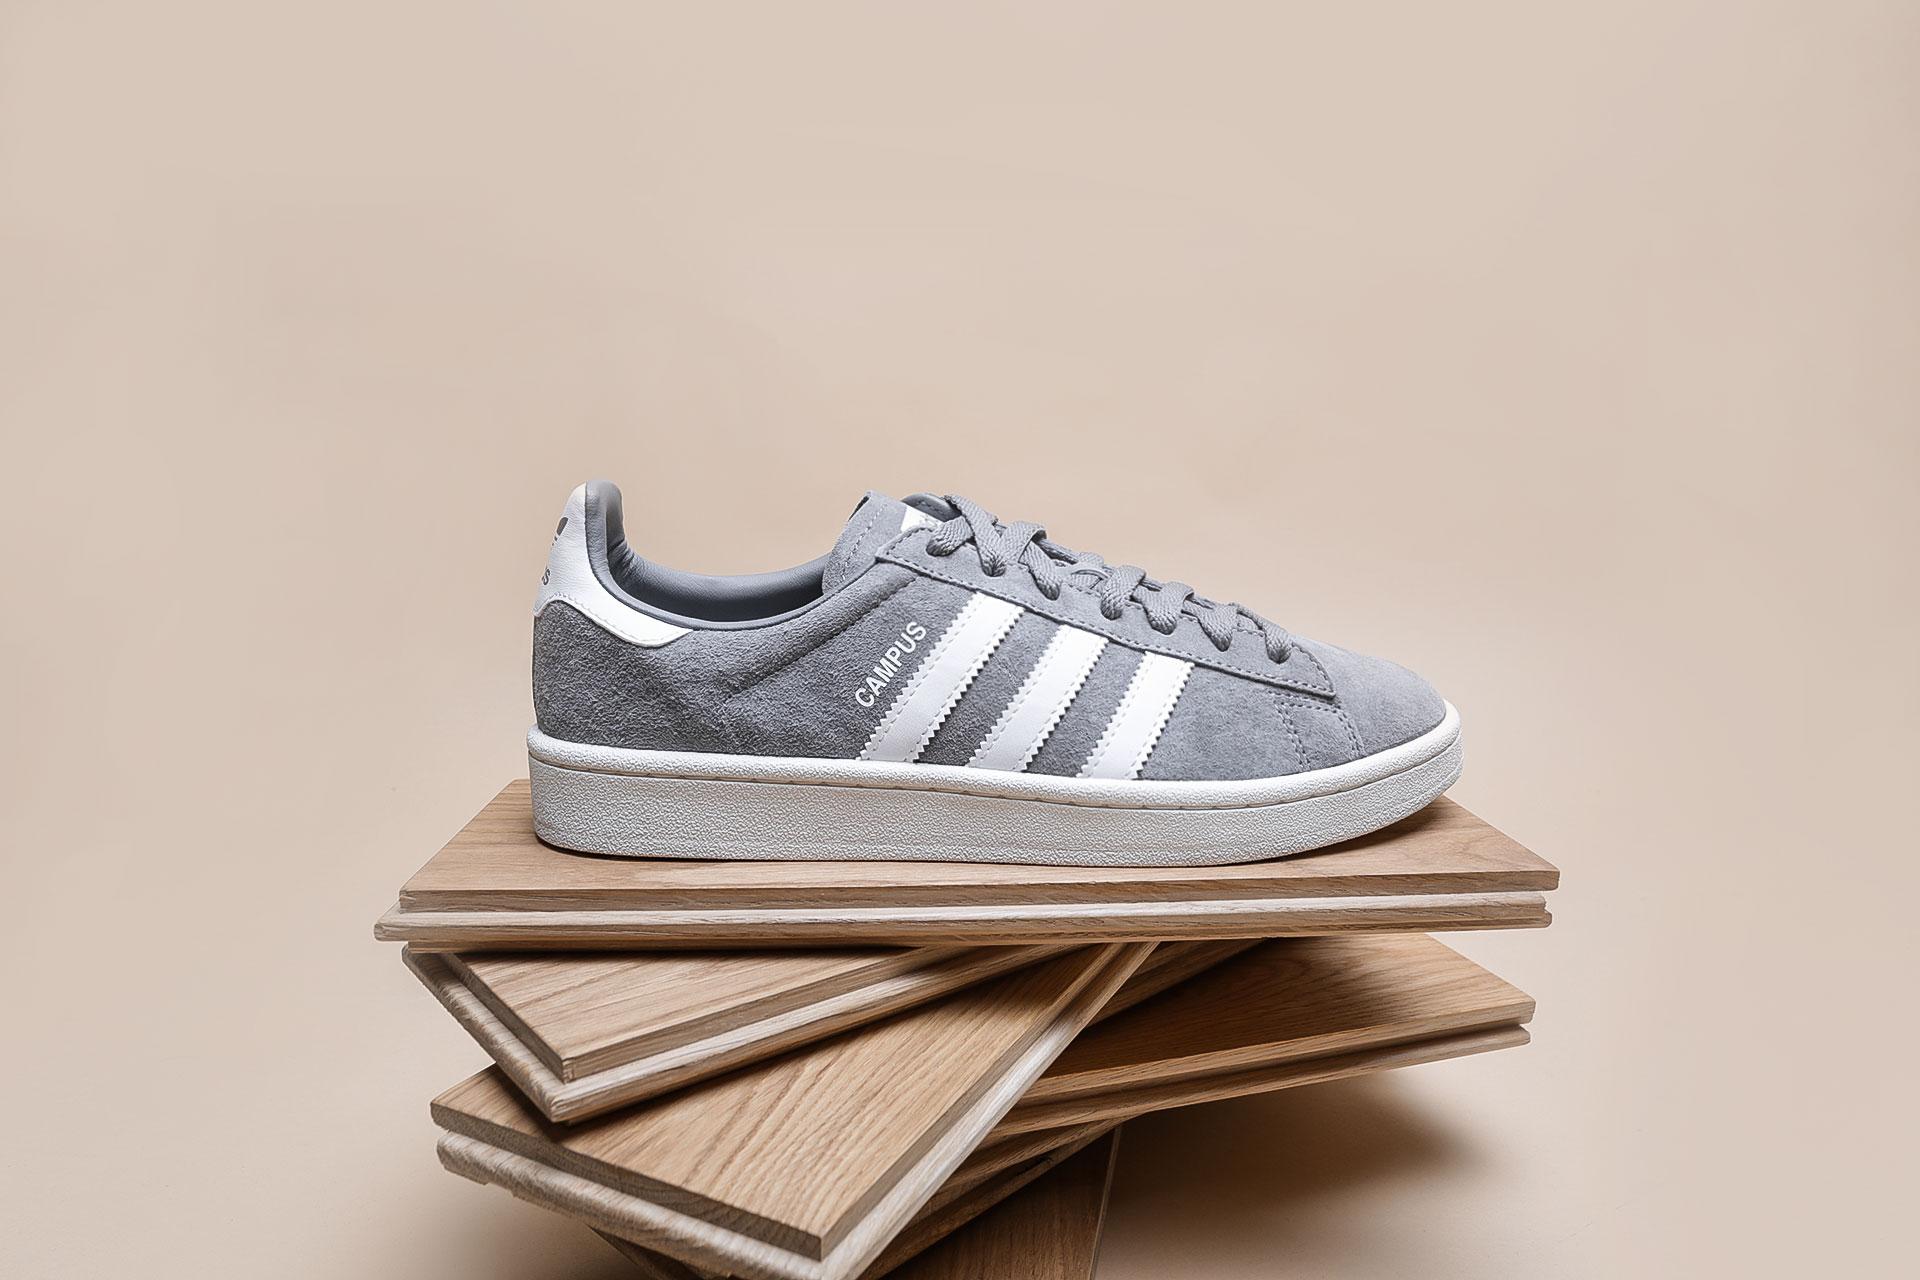 5368343b6314bc Купить серые мужские кроссовки Campus от adidas Originals (BZ0085 ...